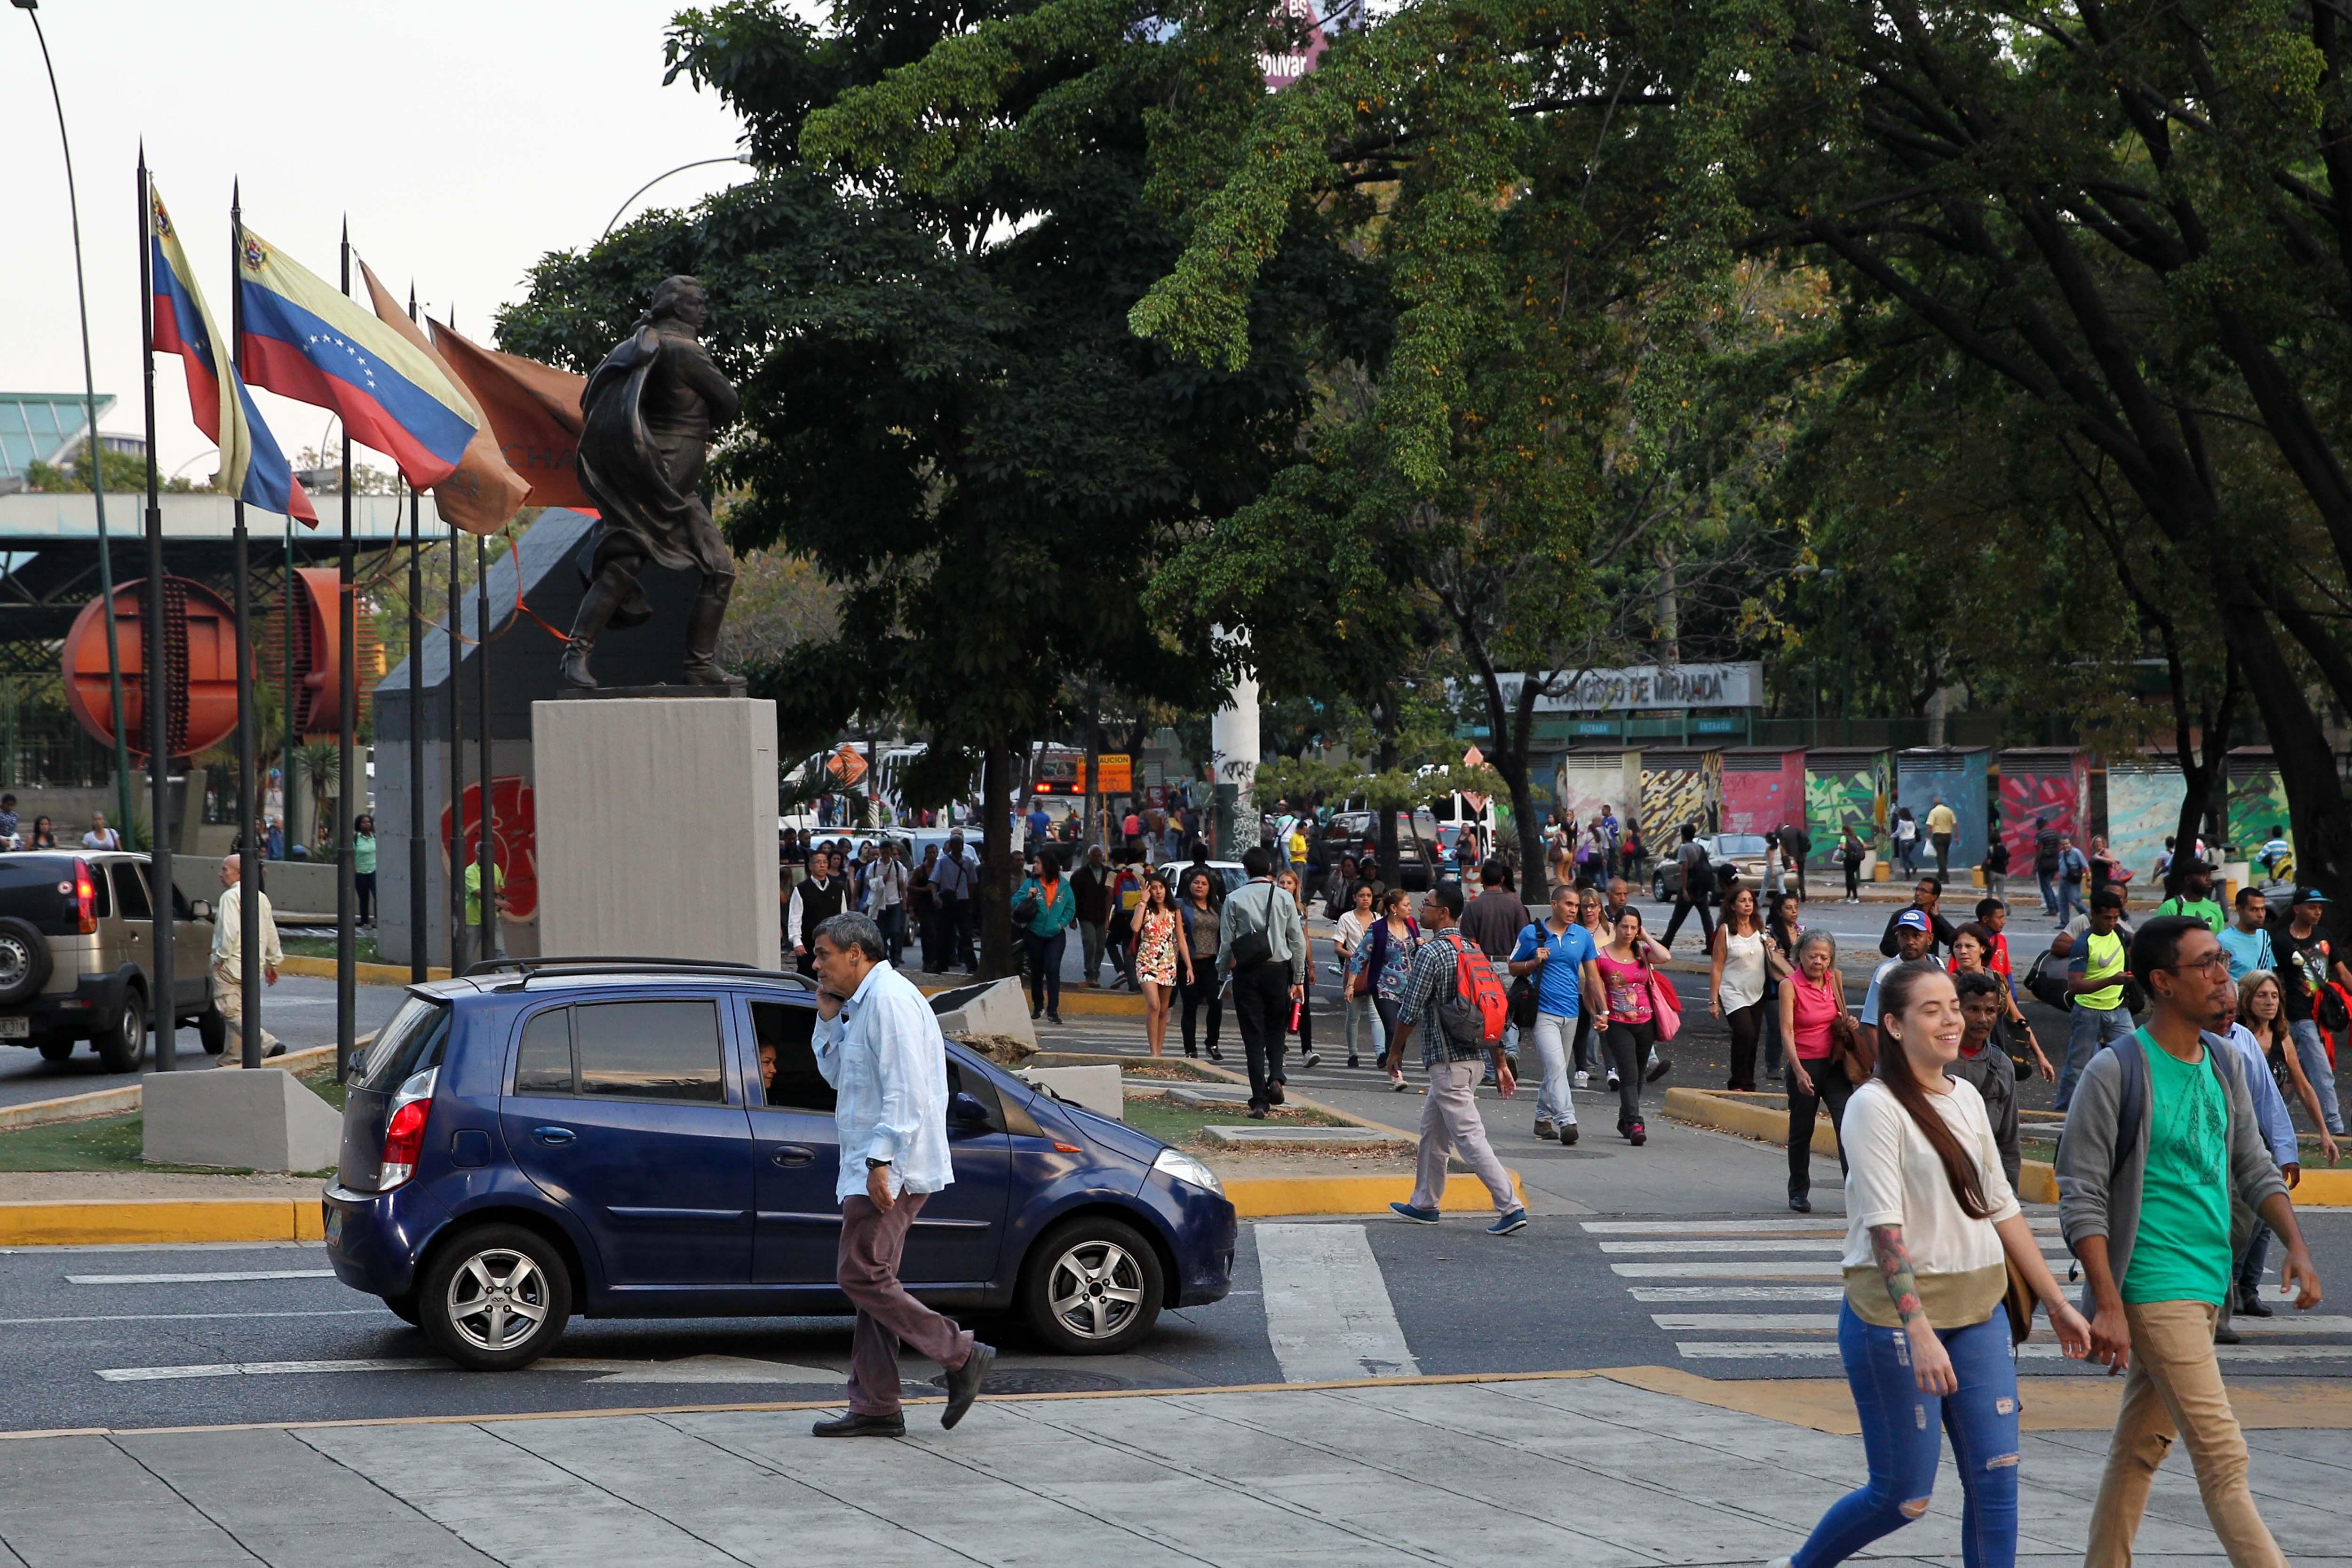 """Социалистическото правителство на Венецуела обвини САЩ за аварията и заяви, че Вашингтон е повел """"електрическа война"""" срещу Каракас. Опозиционният лидер Хуан Гуайдо нападна Мадуро в Туитър."""